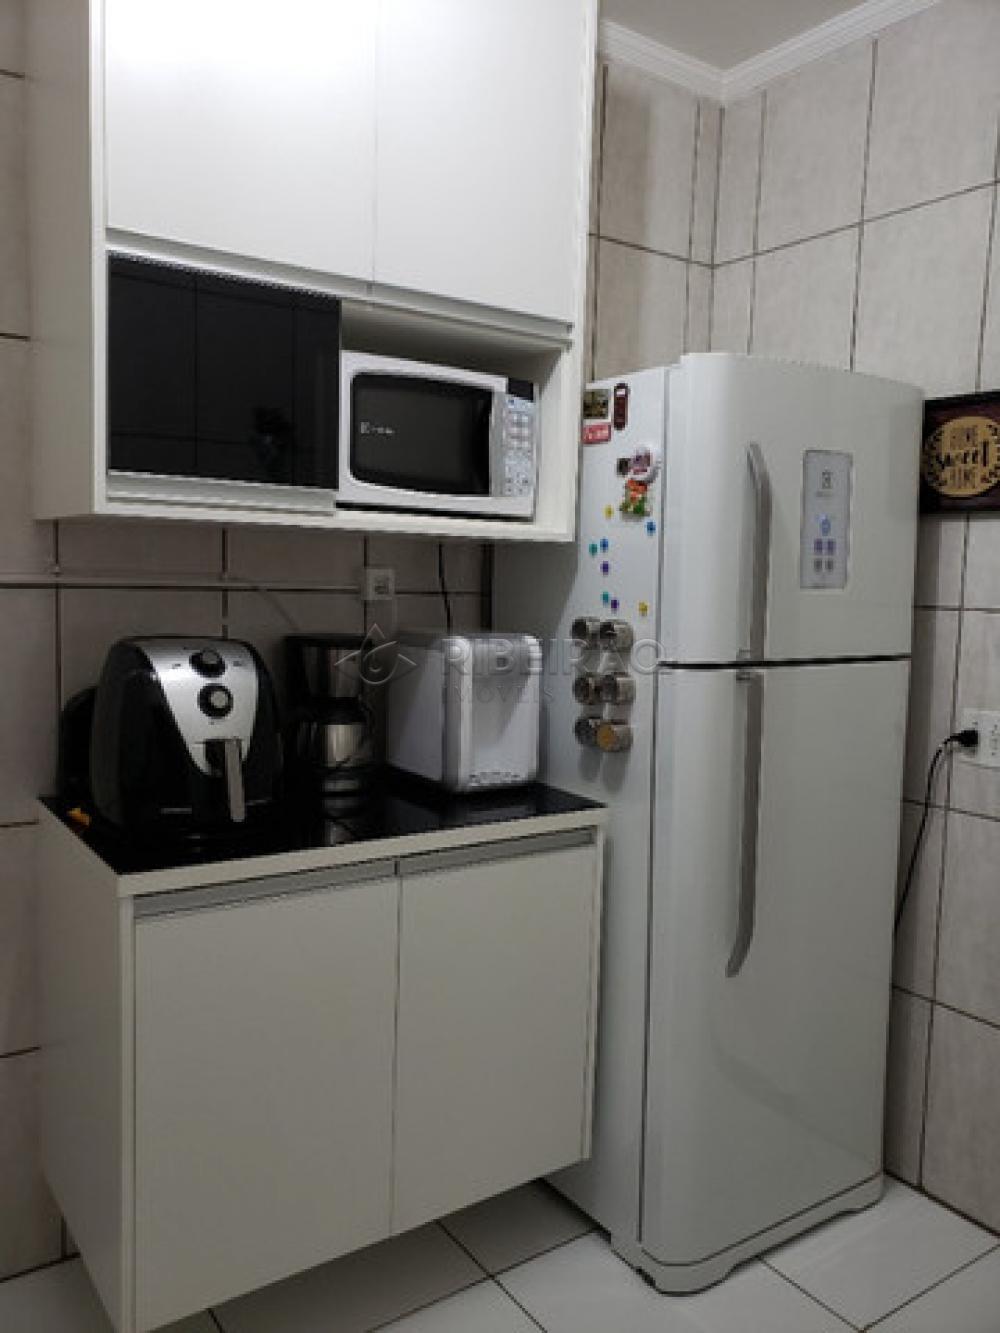 Comprar Apartamento / Padrão em Ribeirão Preto apenas R$ 141.000,00 - Foto 5